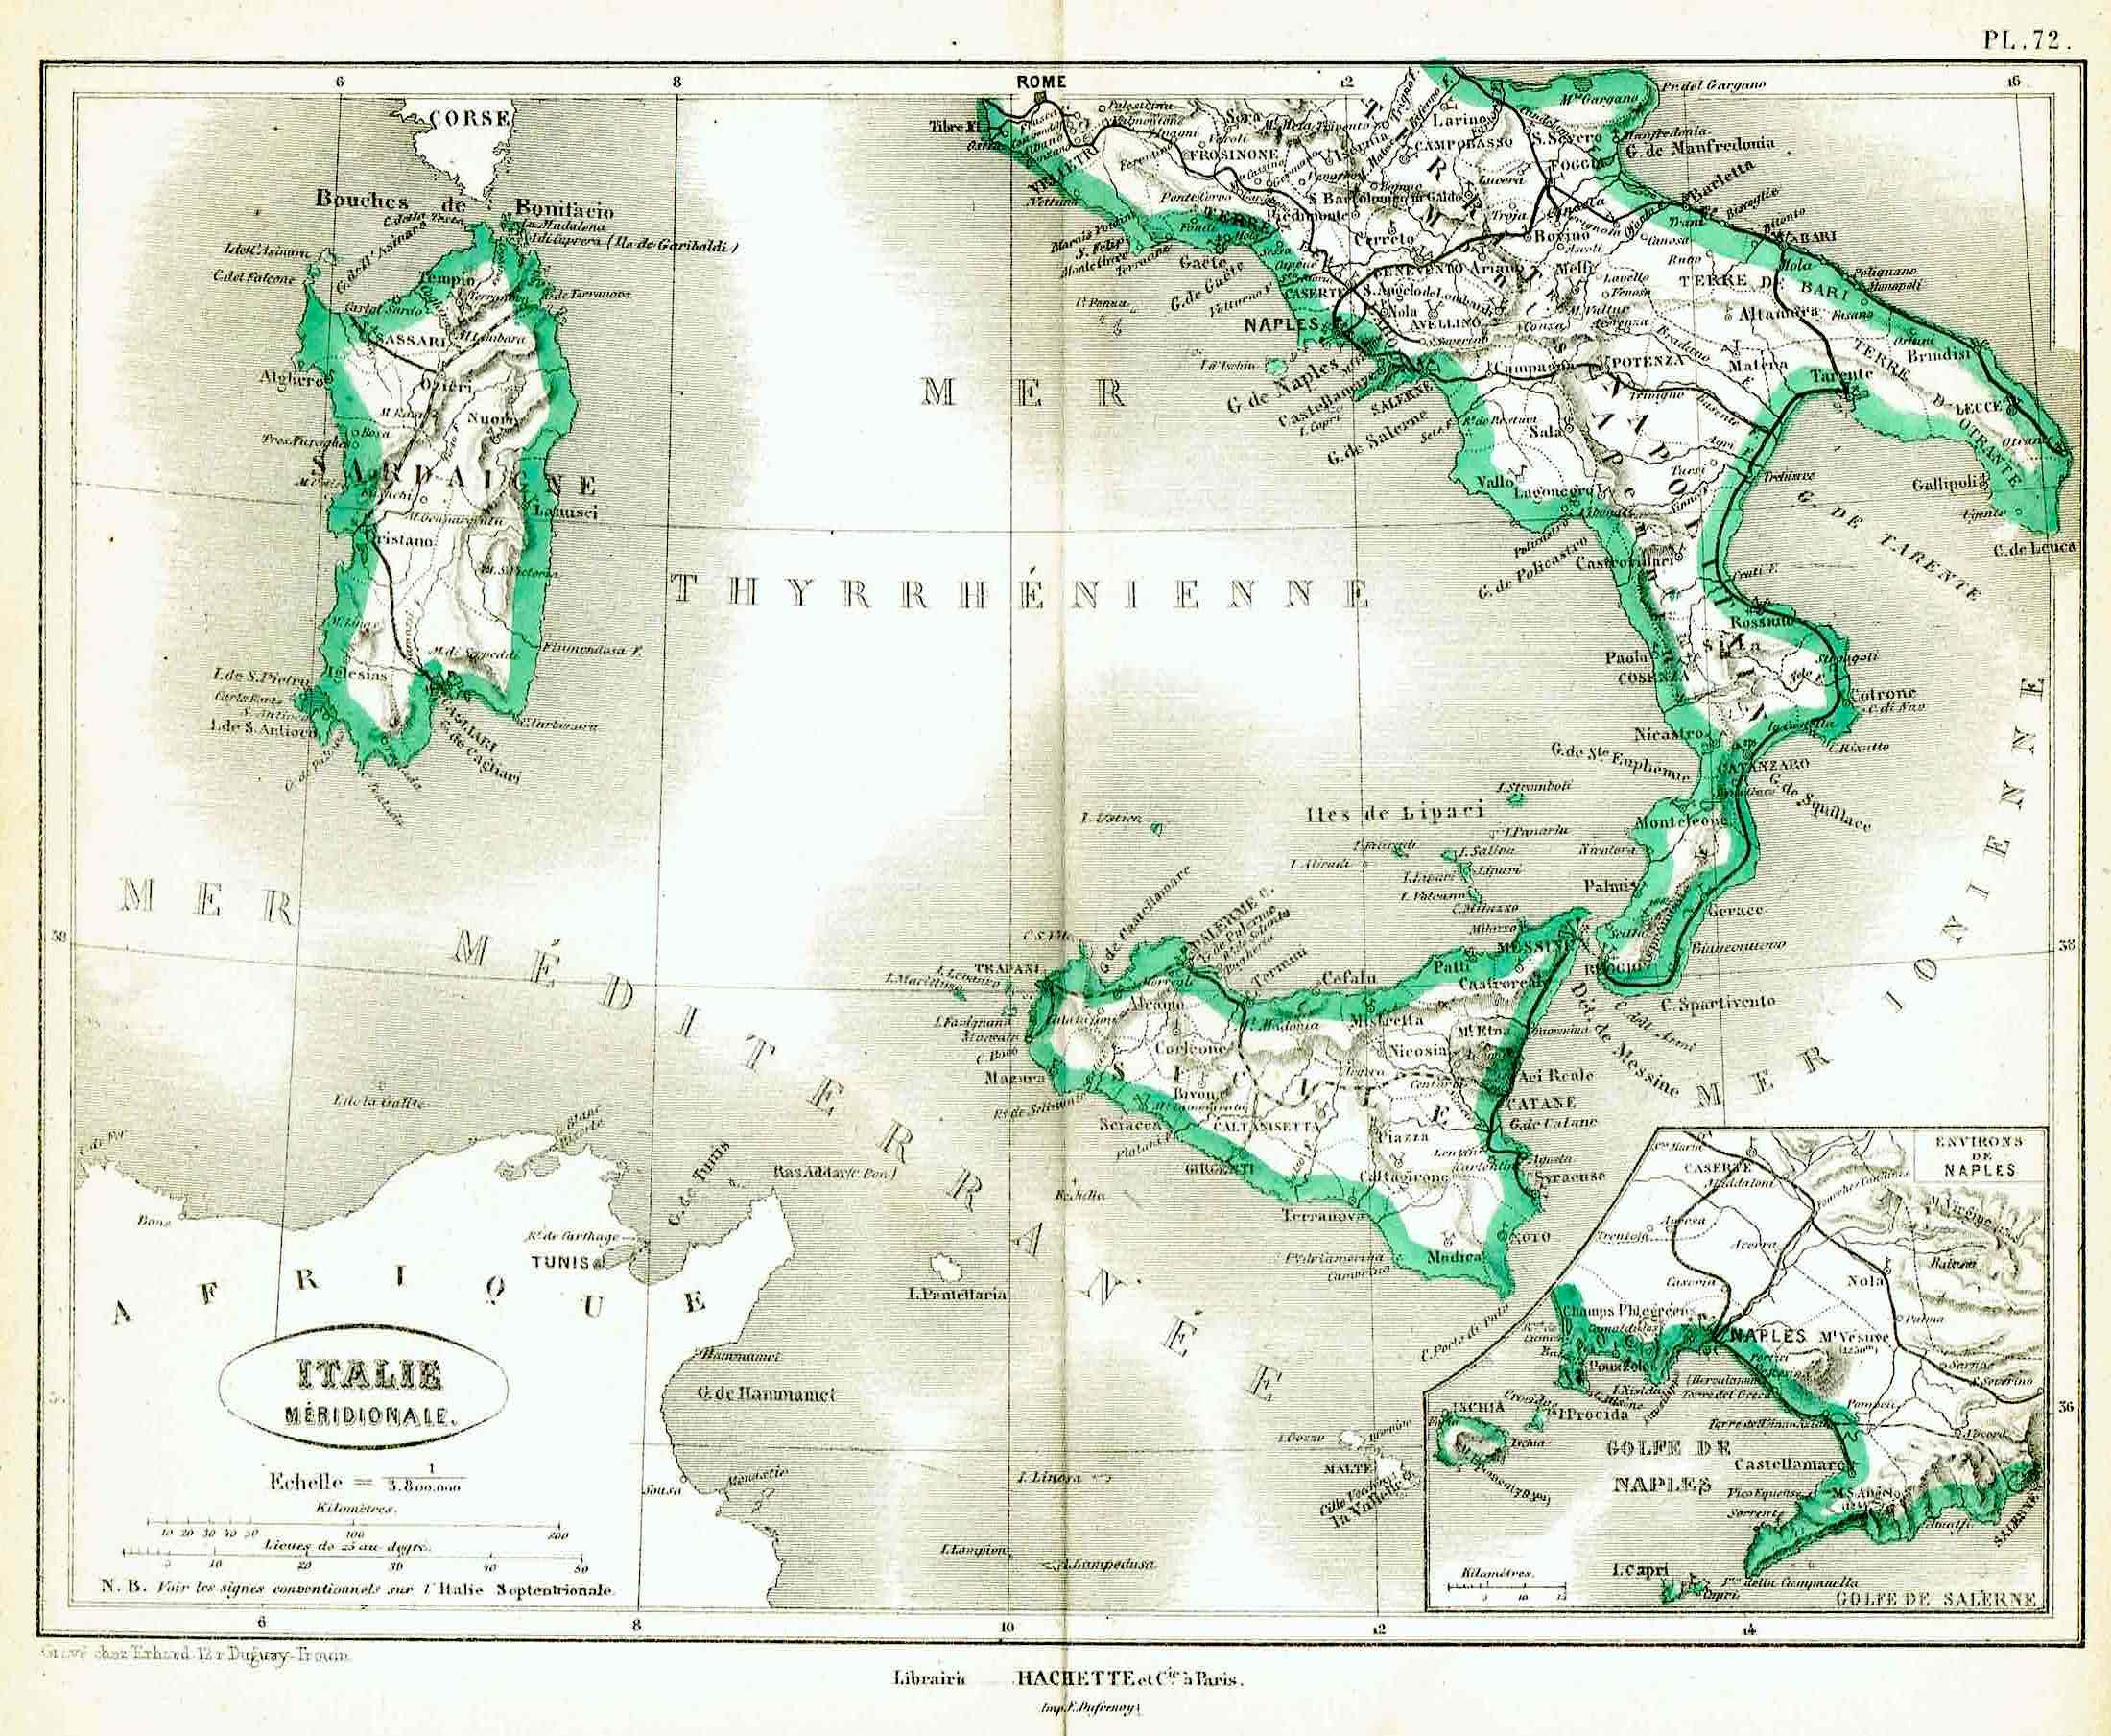 italia meridionale vorzet